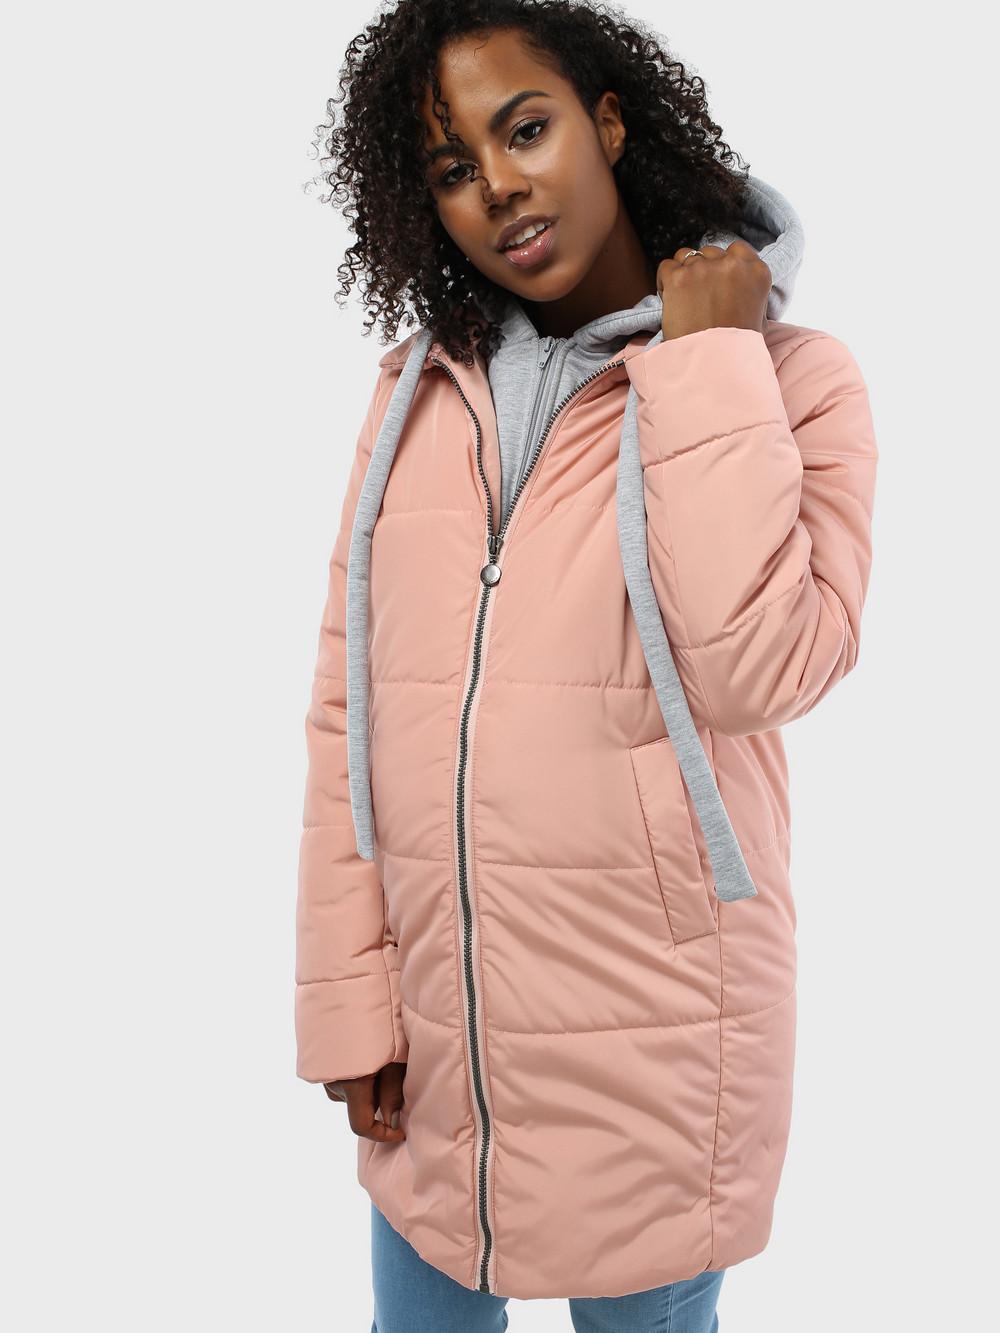 c70ee6c38438 Куртка демисезонная 2в1 I love mum Бриошь пудра для беременных